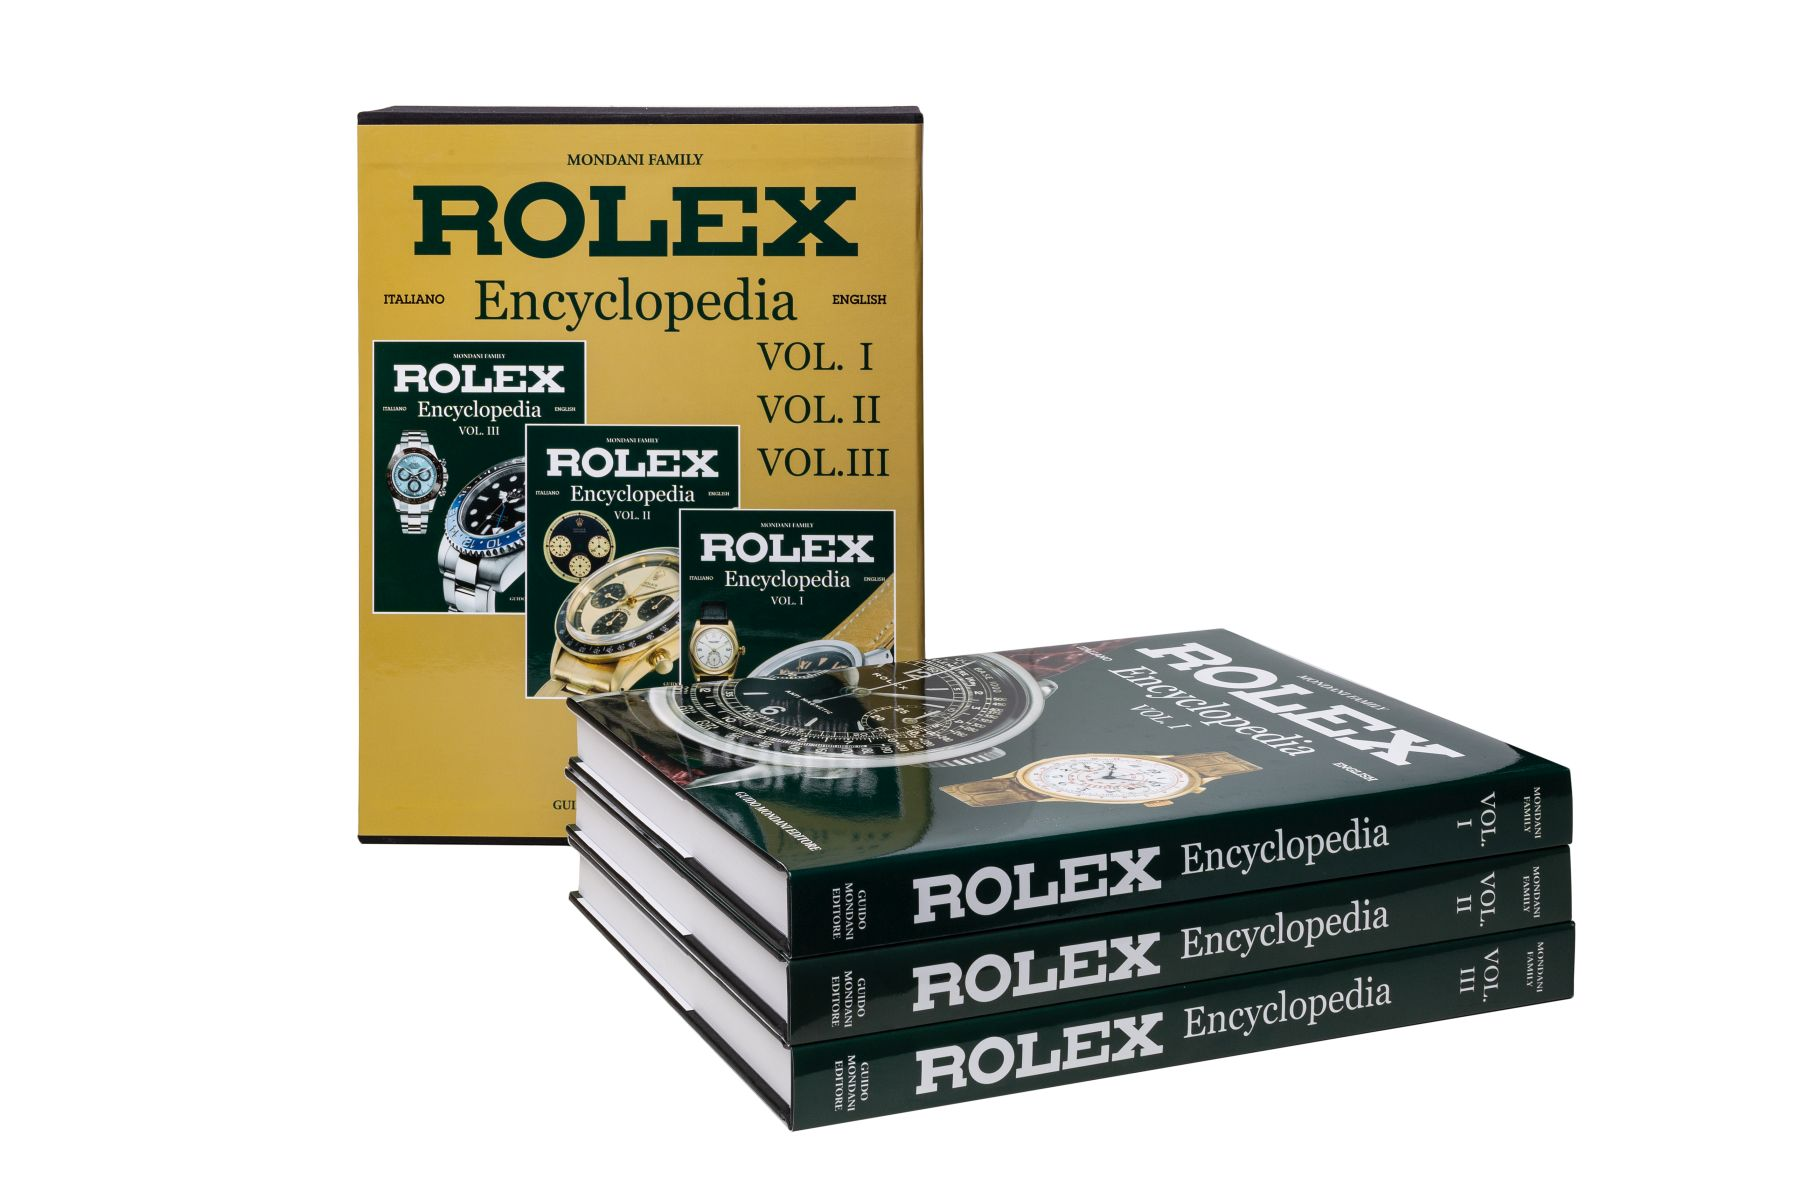 #126 Rolex Book Encyclopedia | Rolex Book Encyclopedia Image